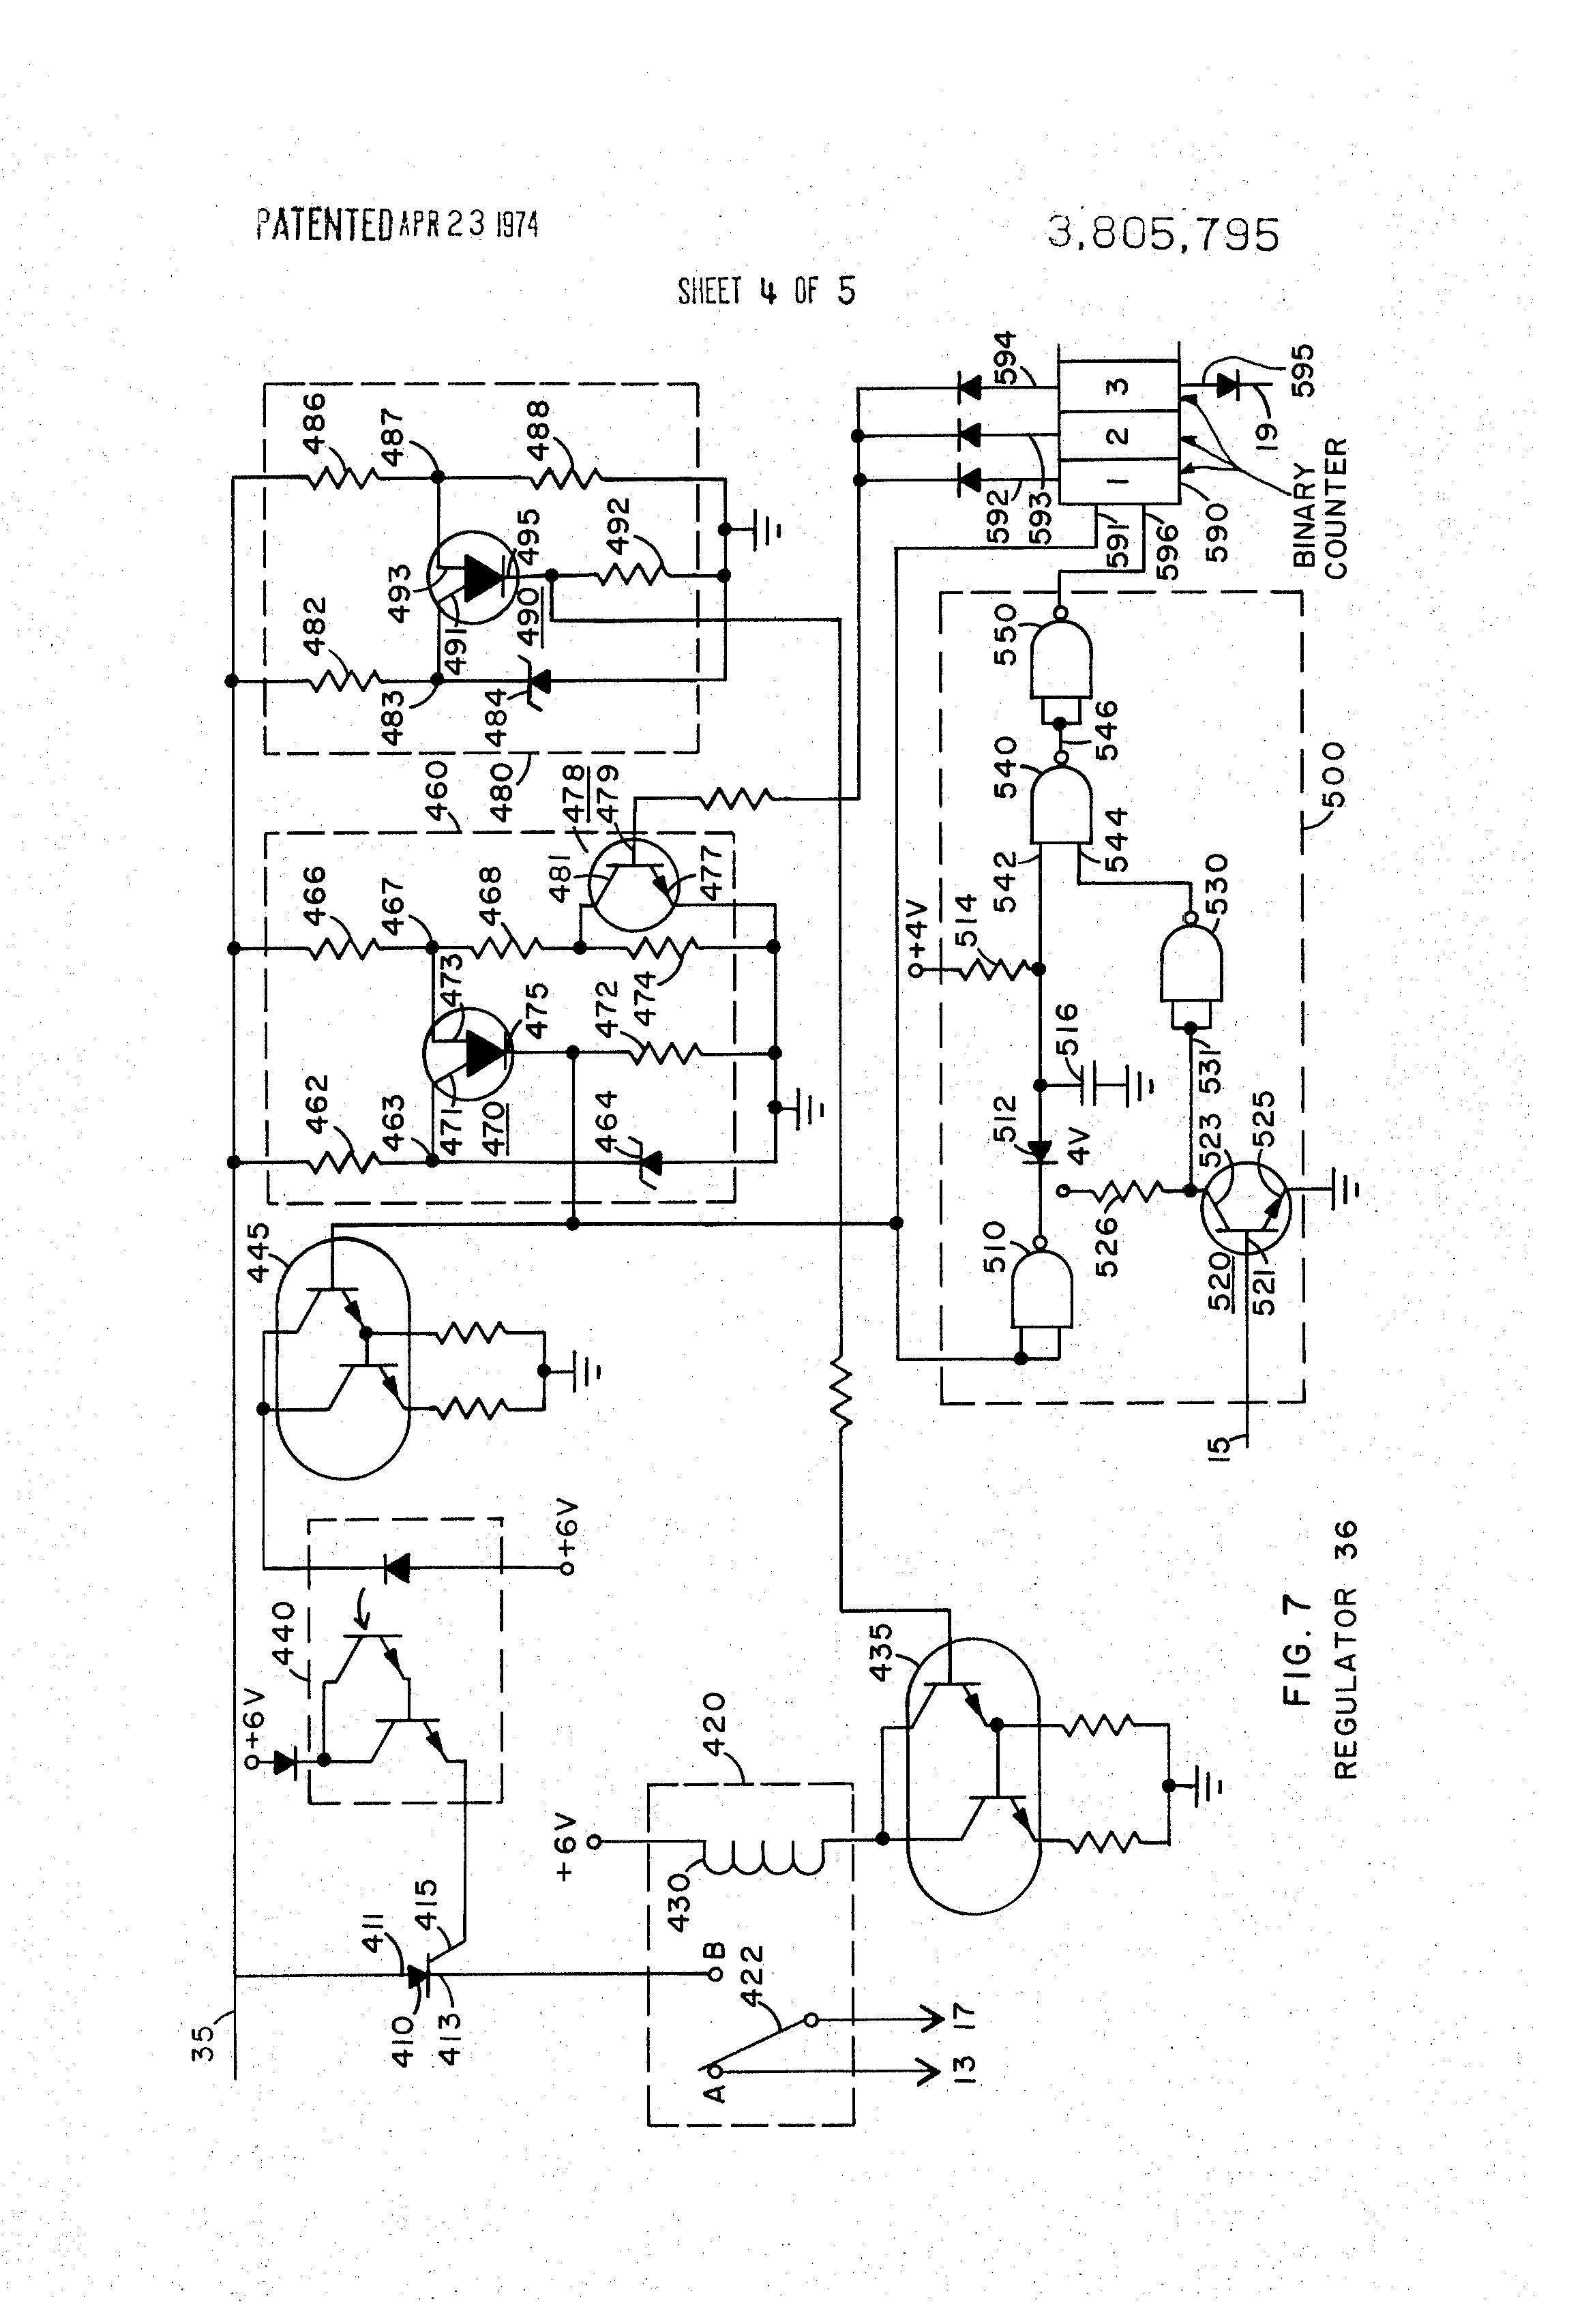 patent us3805795